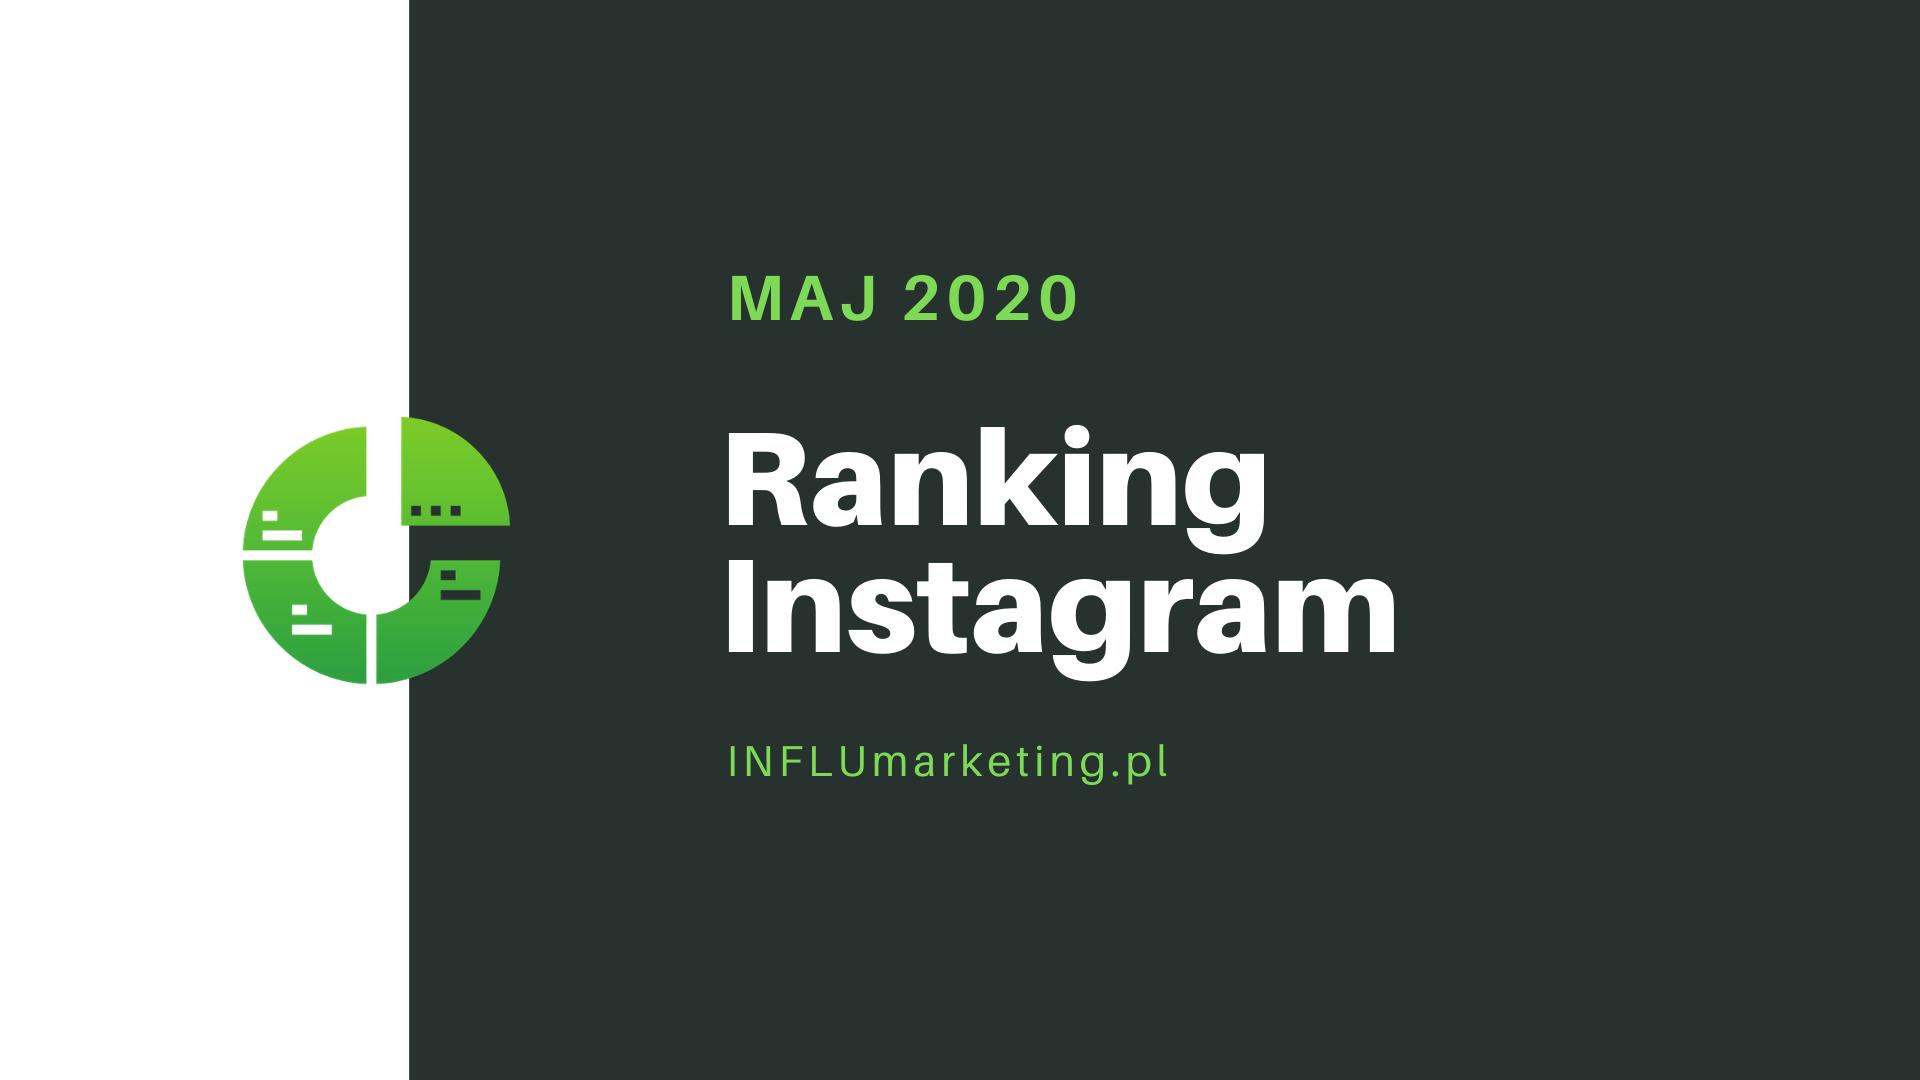 ranking instagram polska 2020 cover photo maj